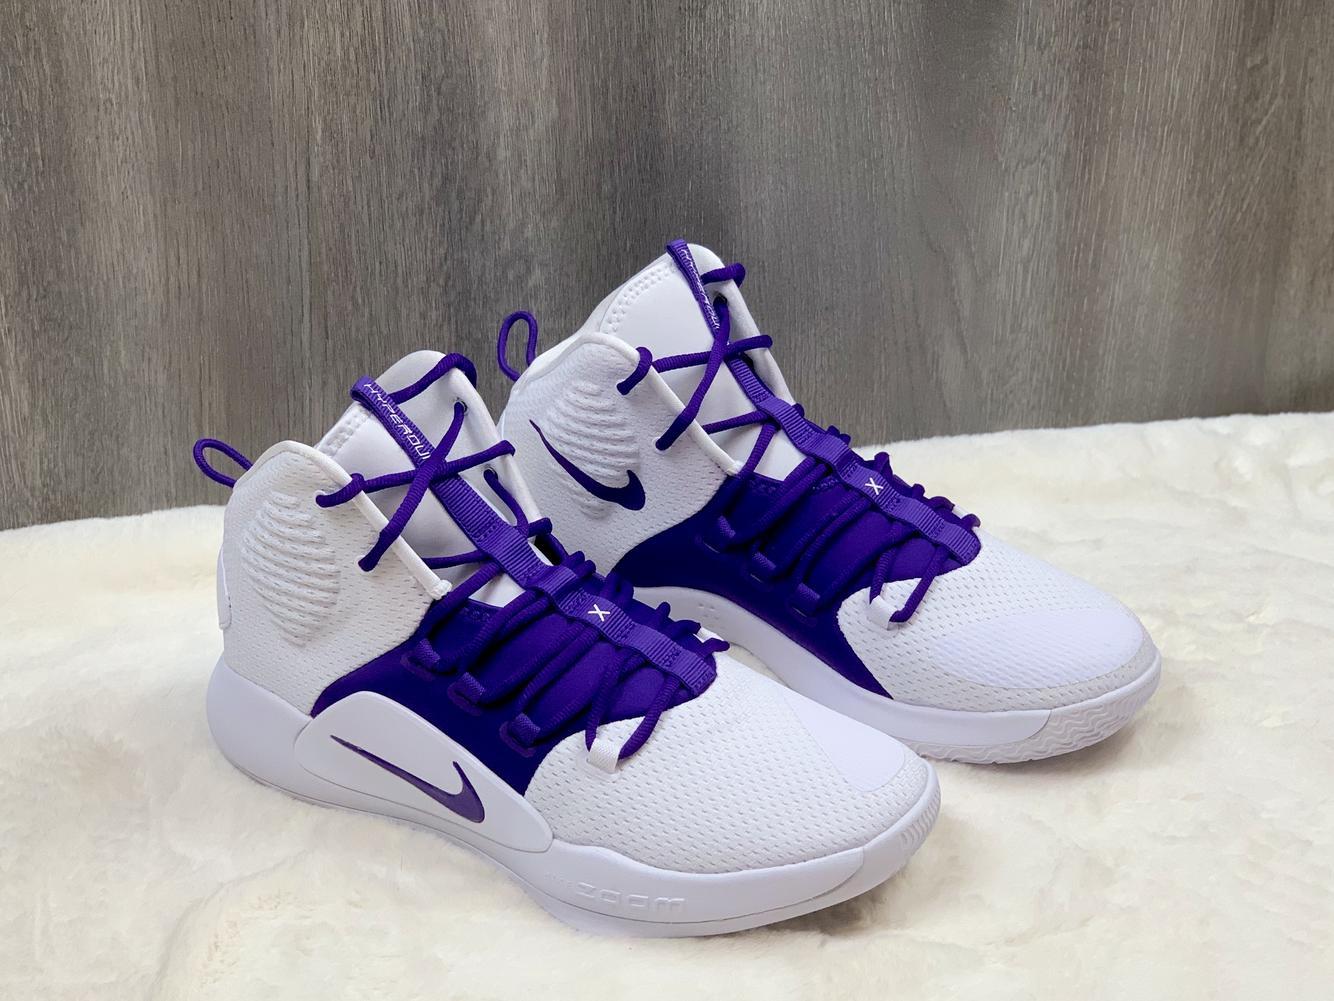 hyperdunk 2018 purple